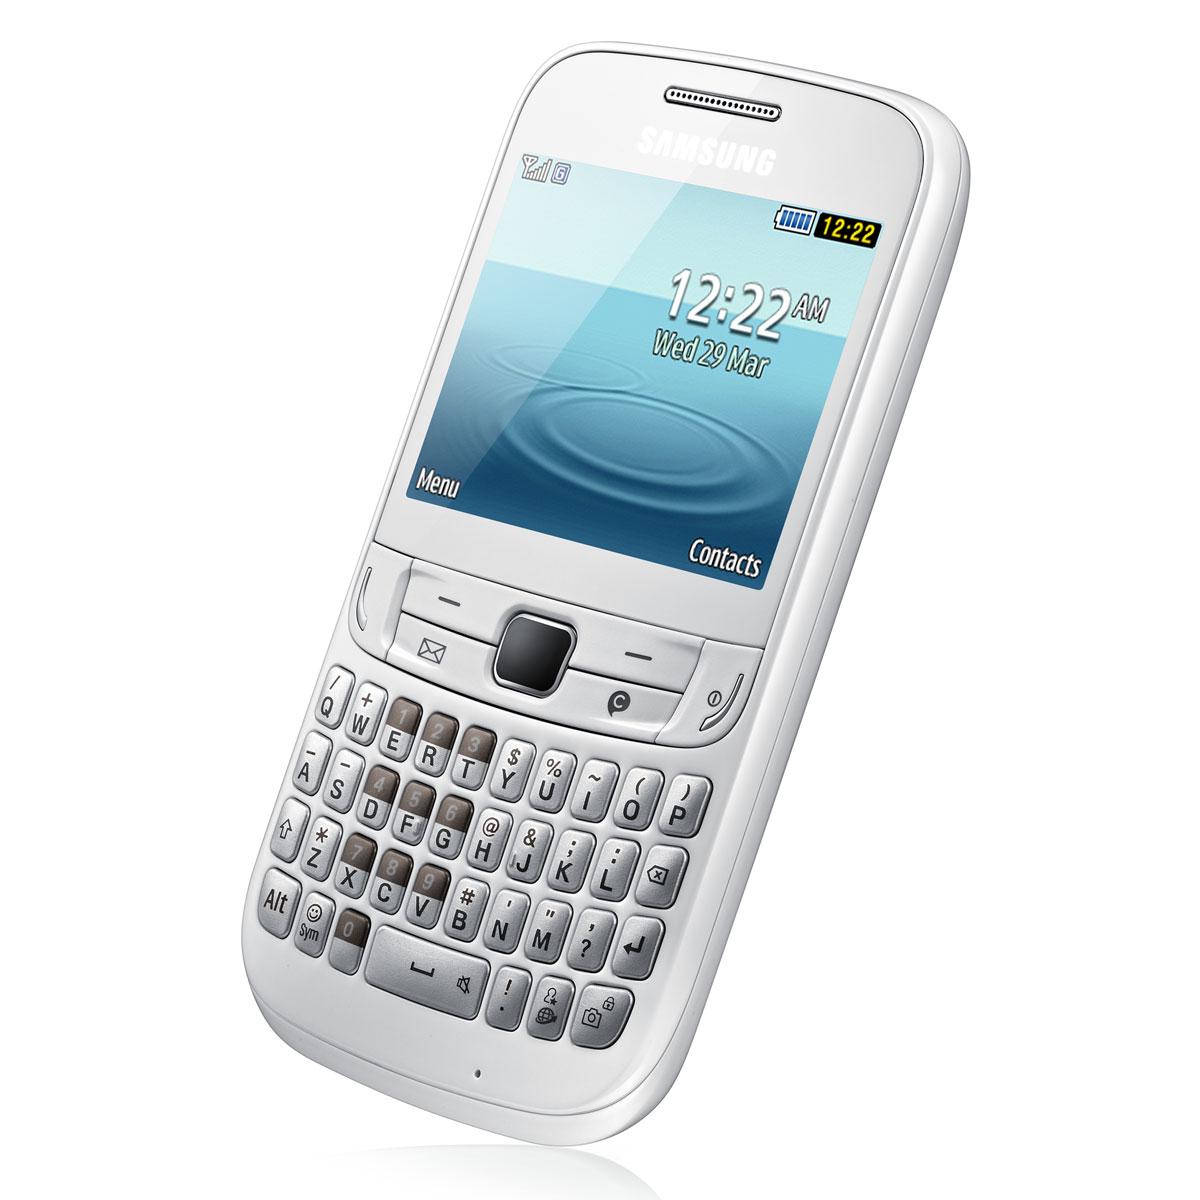 samsung ch t 357 gt s3570 blanc mobile smartphone samsung sur ldlc. Black Bedroom Furniture Sets. Home Design Ideas